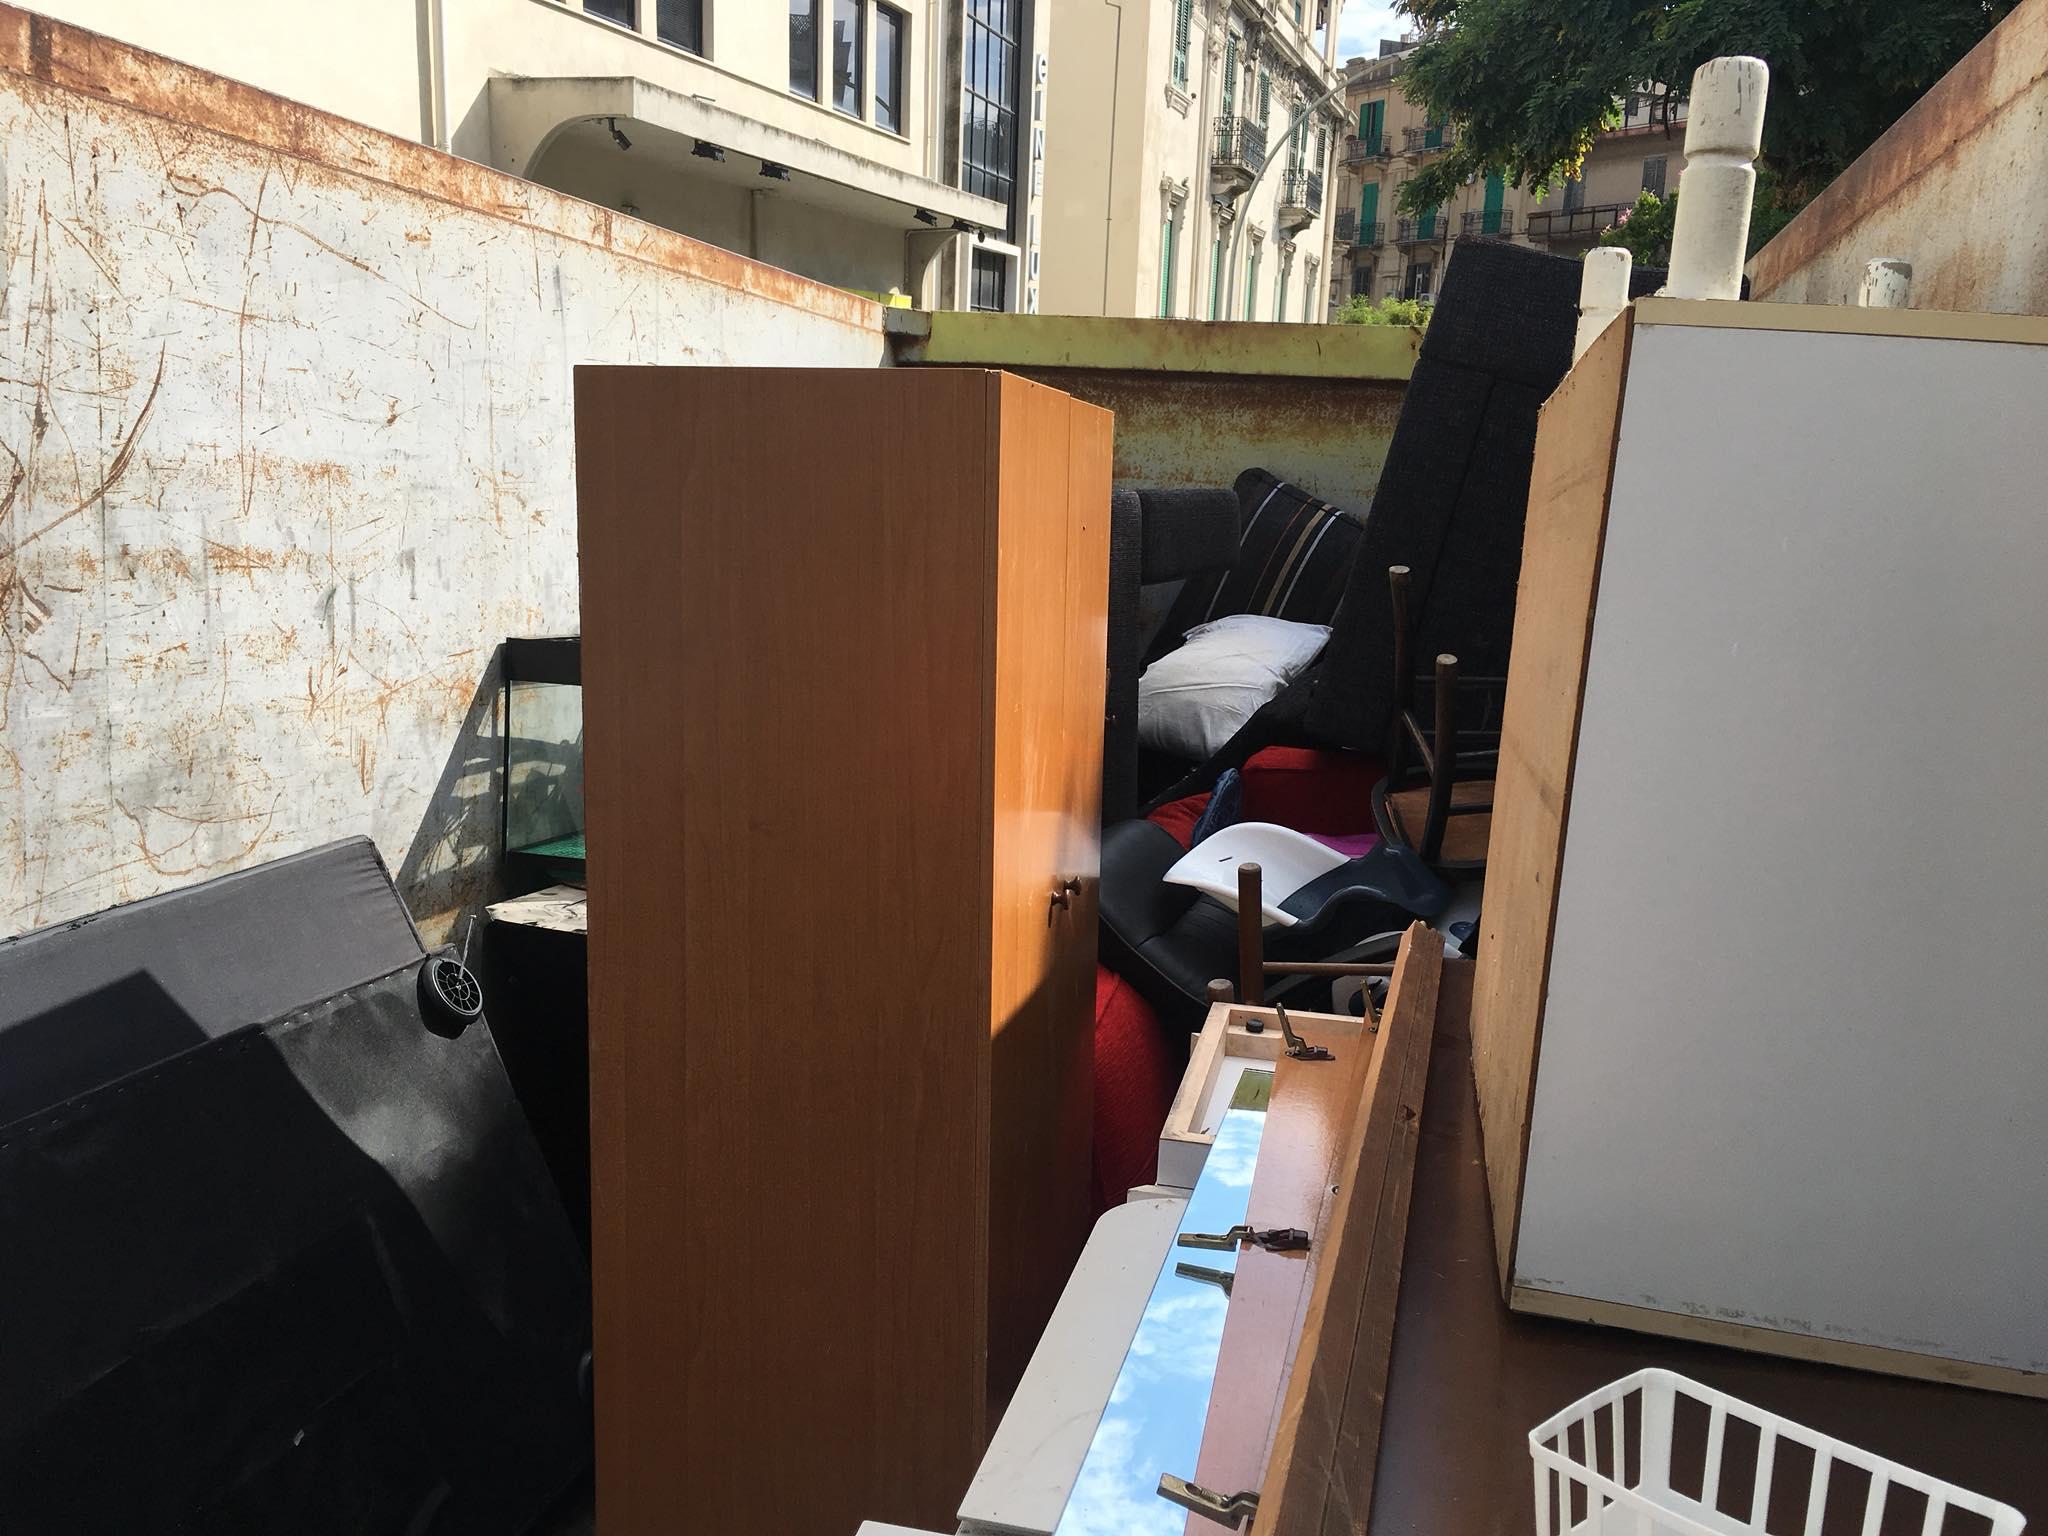 foto di rifiuti ingombranti raccolti dalla società partecipata messinaservizi - messina